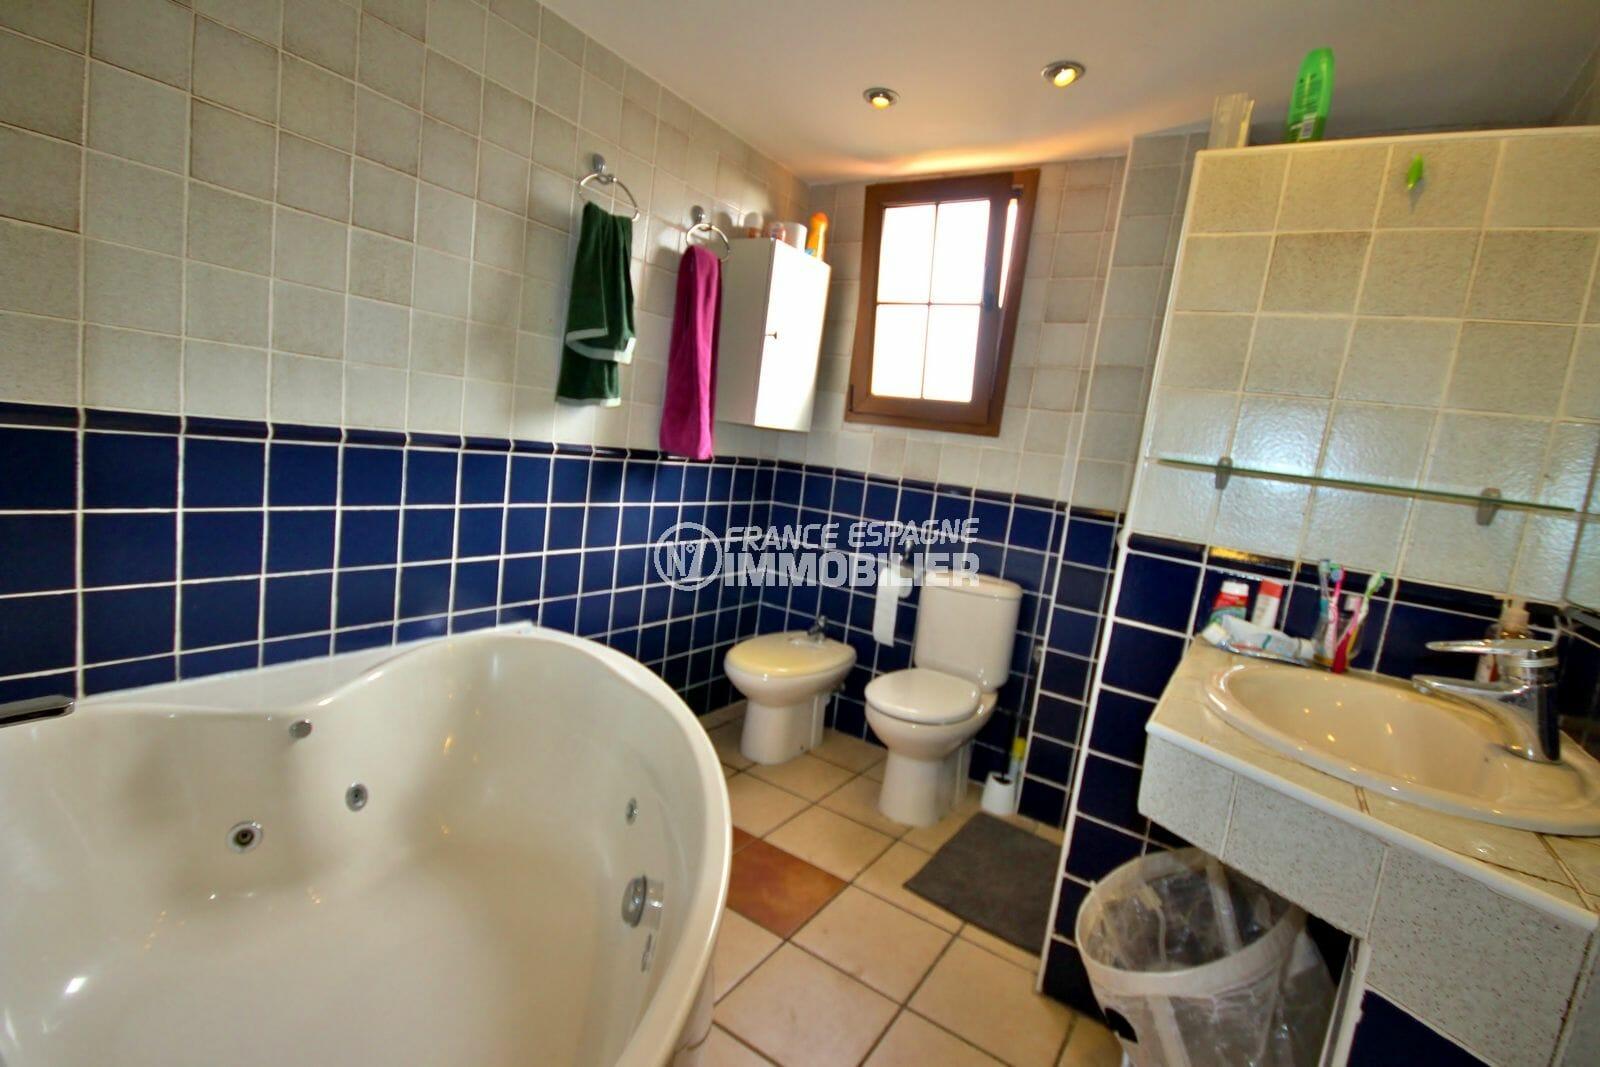 acheter maison costa brava, empuriabrava, 1ère salle de bains avec baignoire, vasque et wc